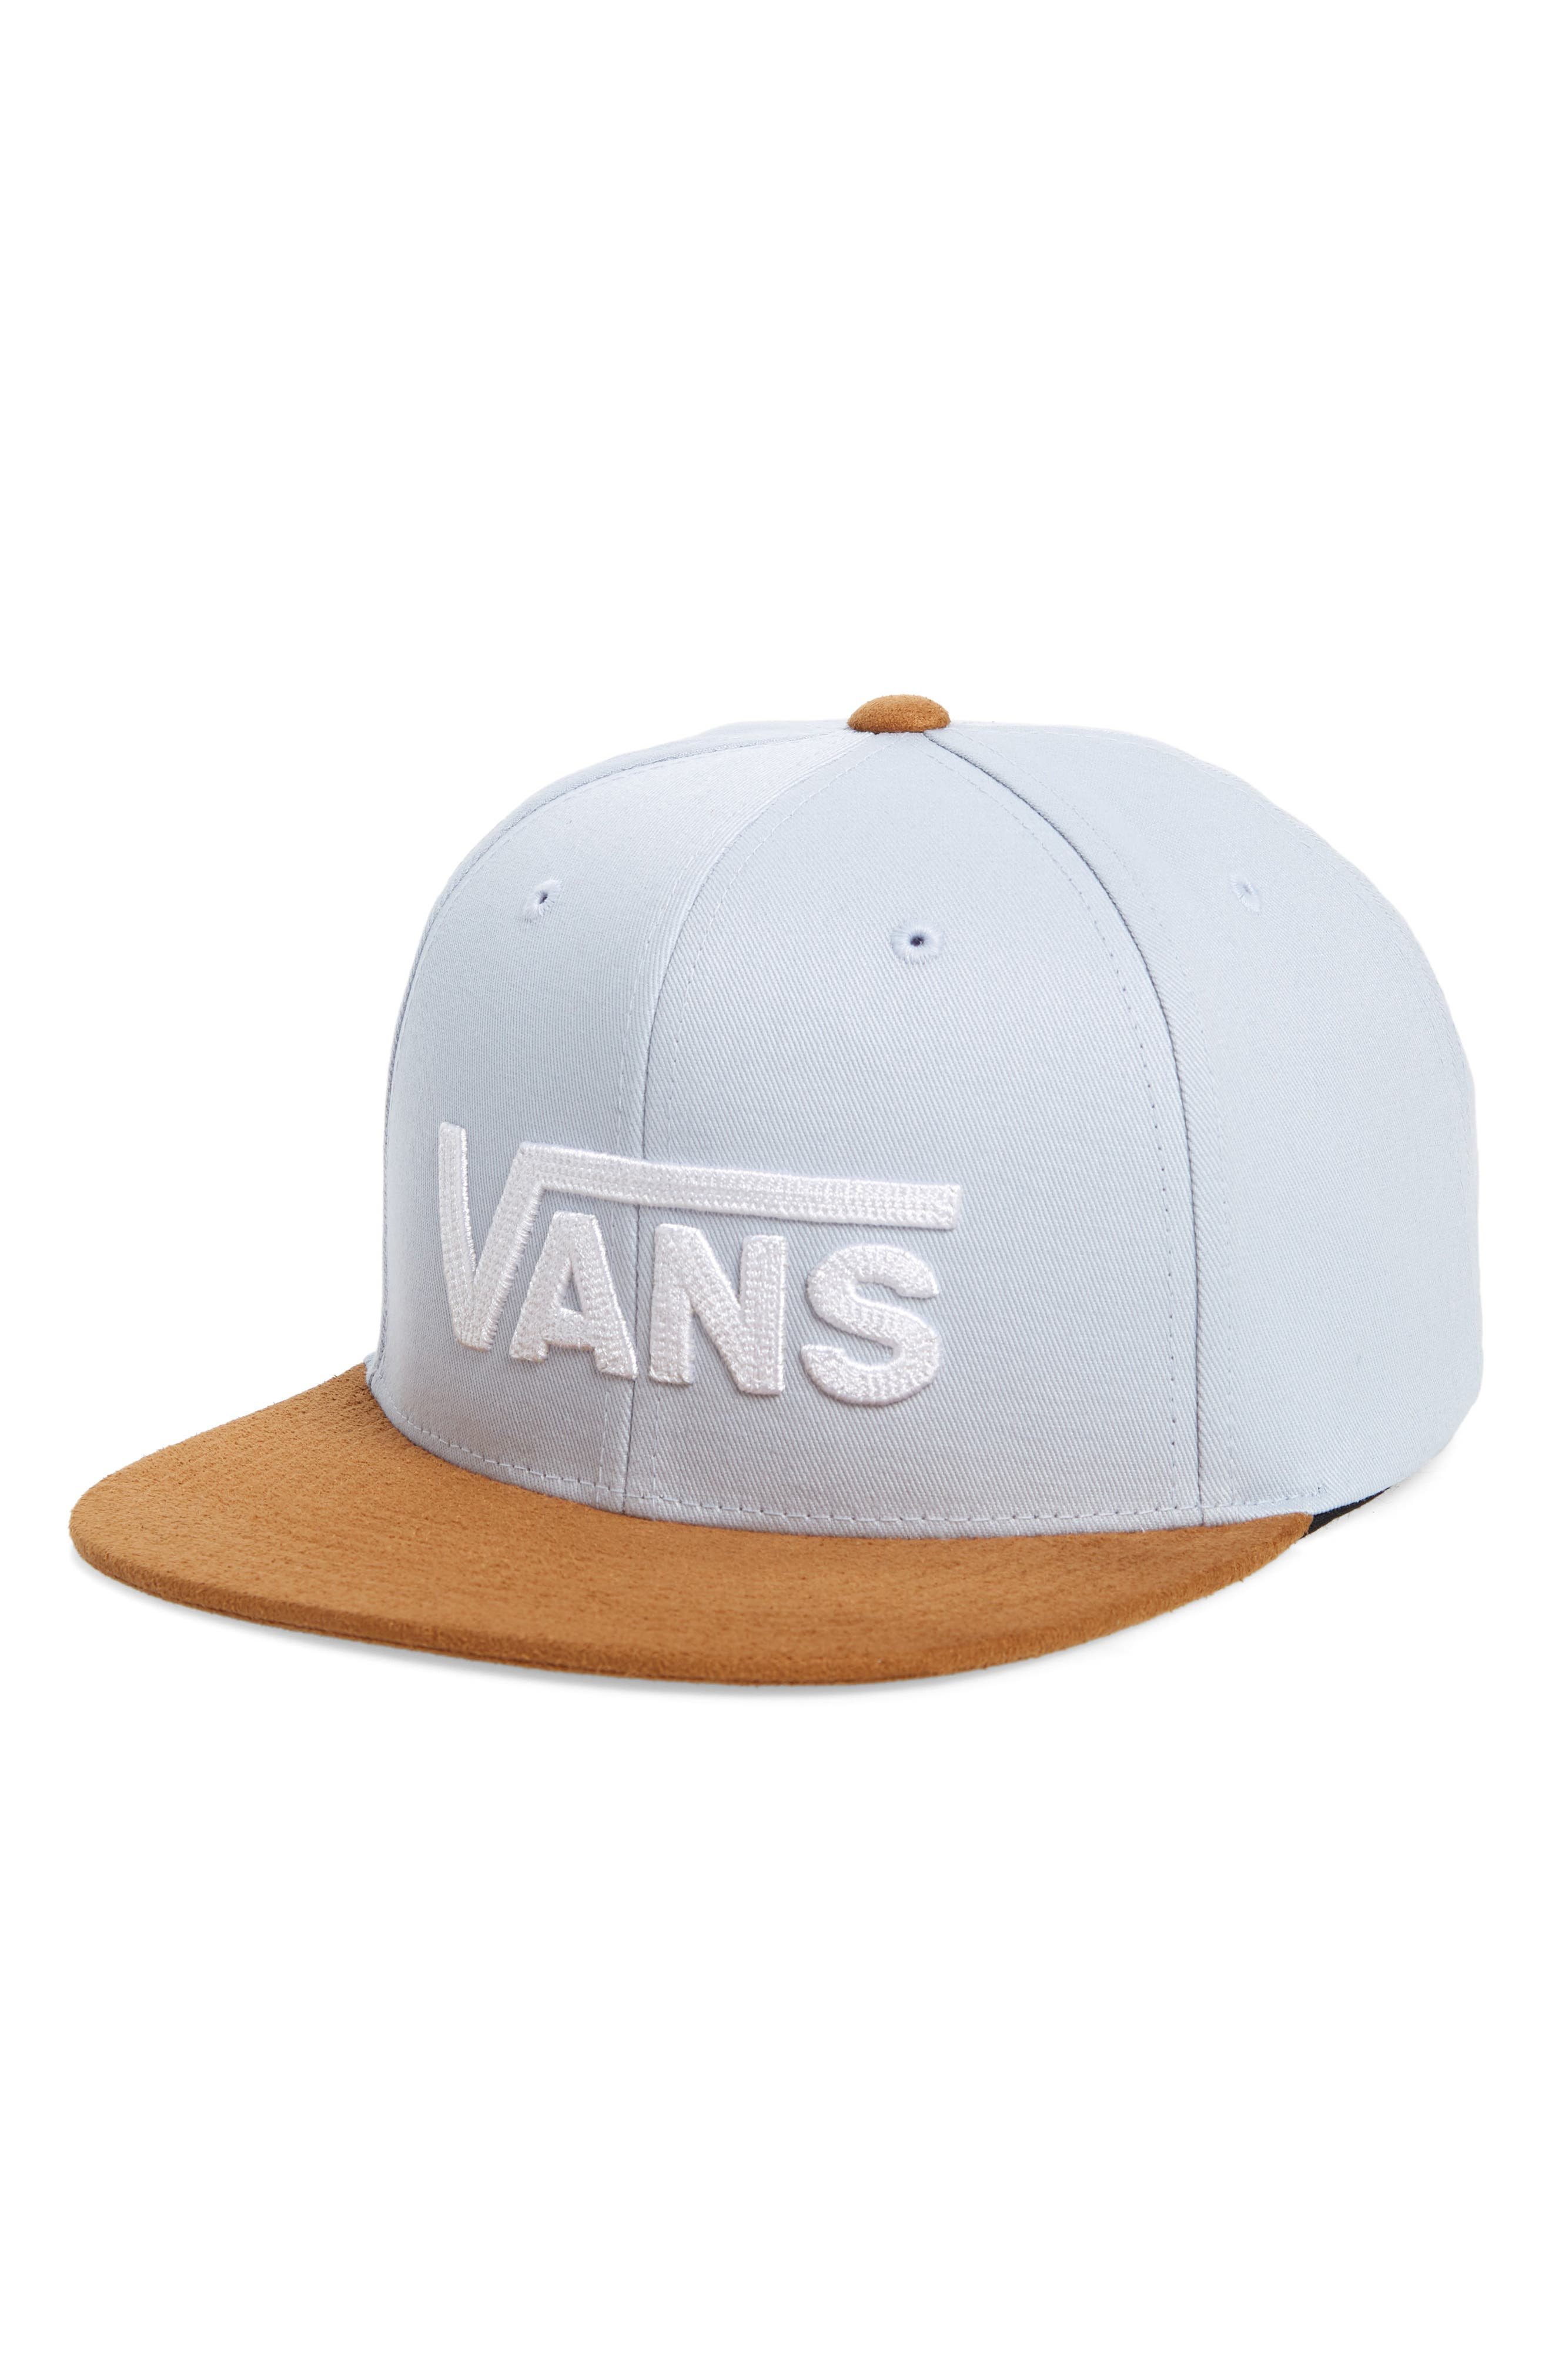 953ac06736b Vans Men s Hats Shoes   Fashion